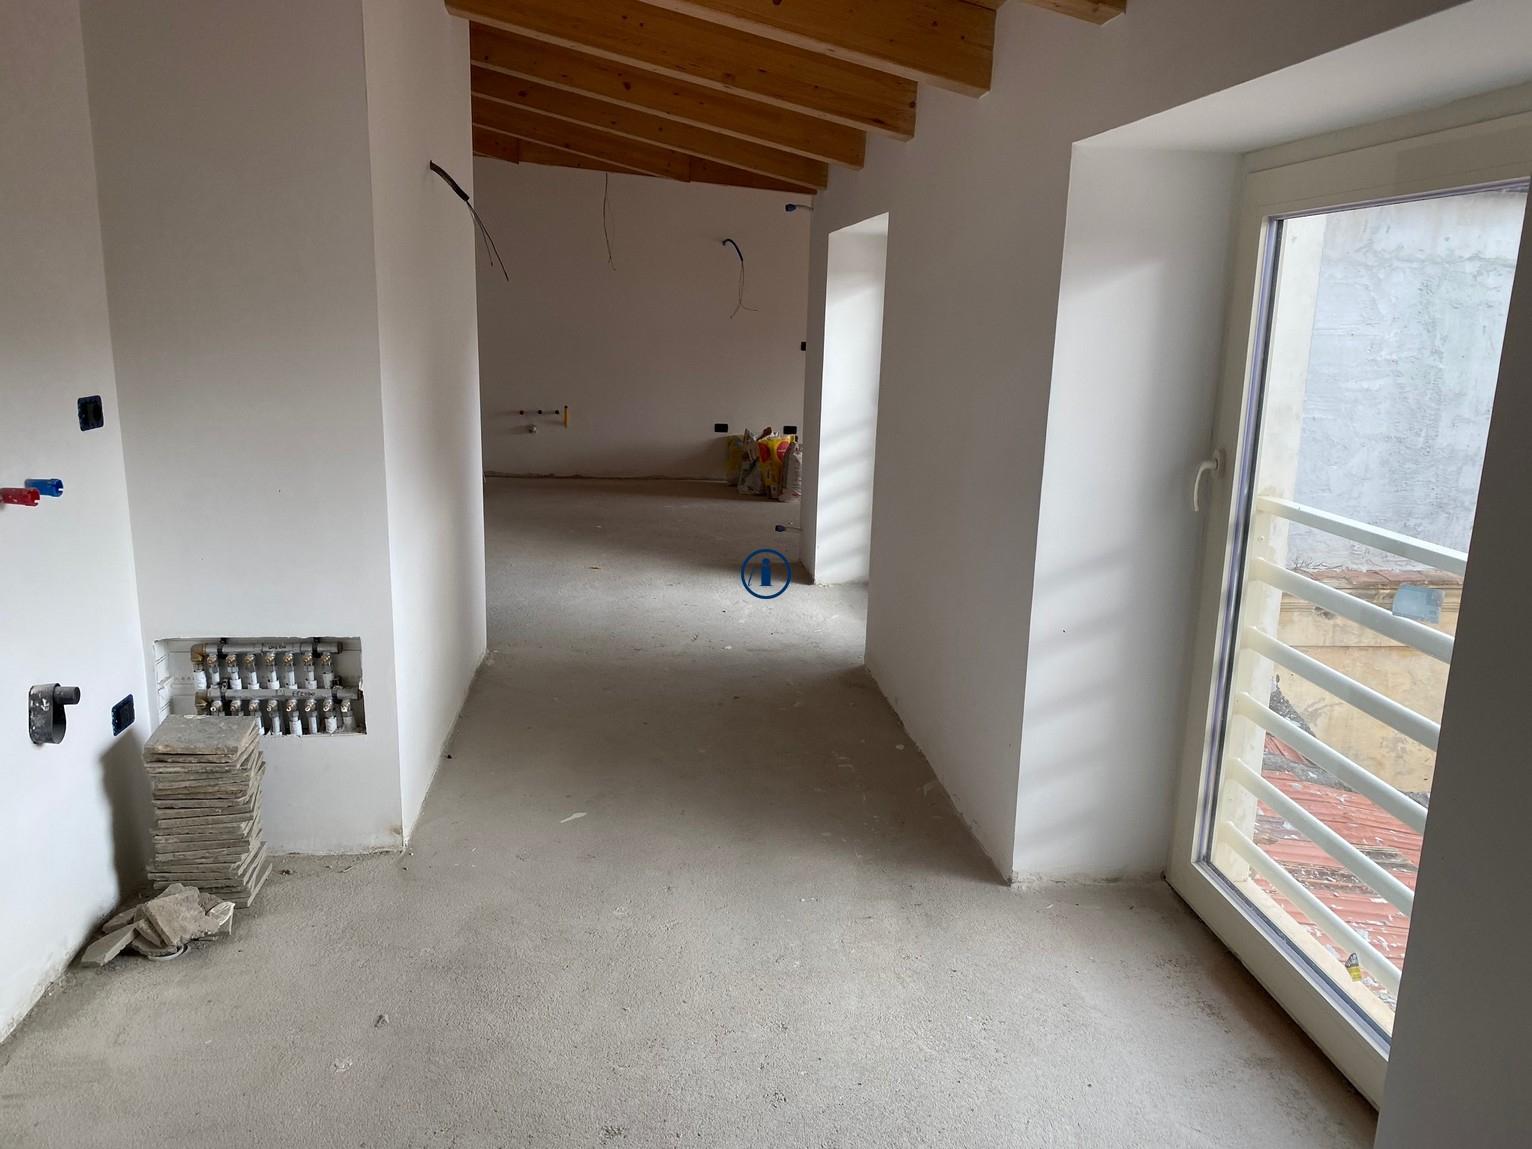 Appartamento in vendita a Caserta, 4 locali, zona ro, prezzo € 250.000 | PortaleAgenzieImmobiliari.it